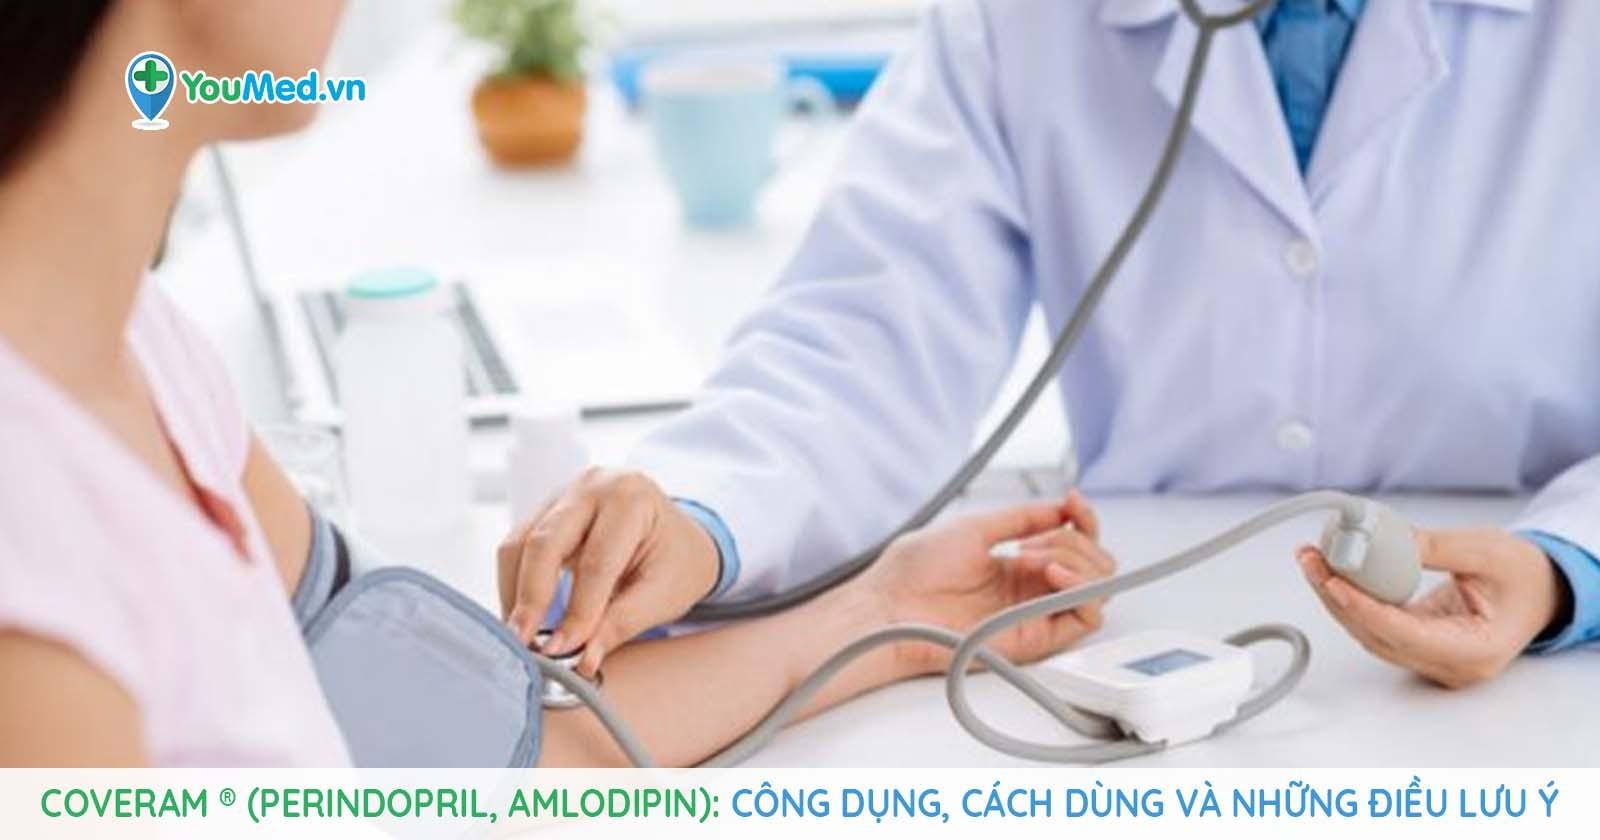 Coveram ® (perindopril, amlodipin): Công dụng, cách dùng và những điều cần lưu ý